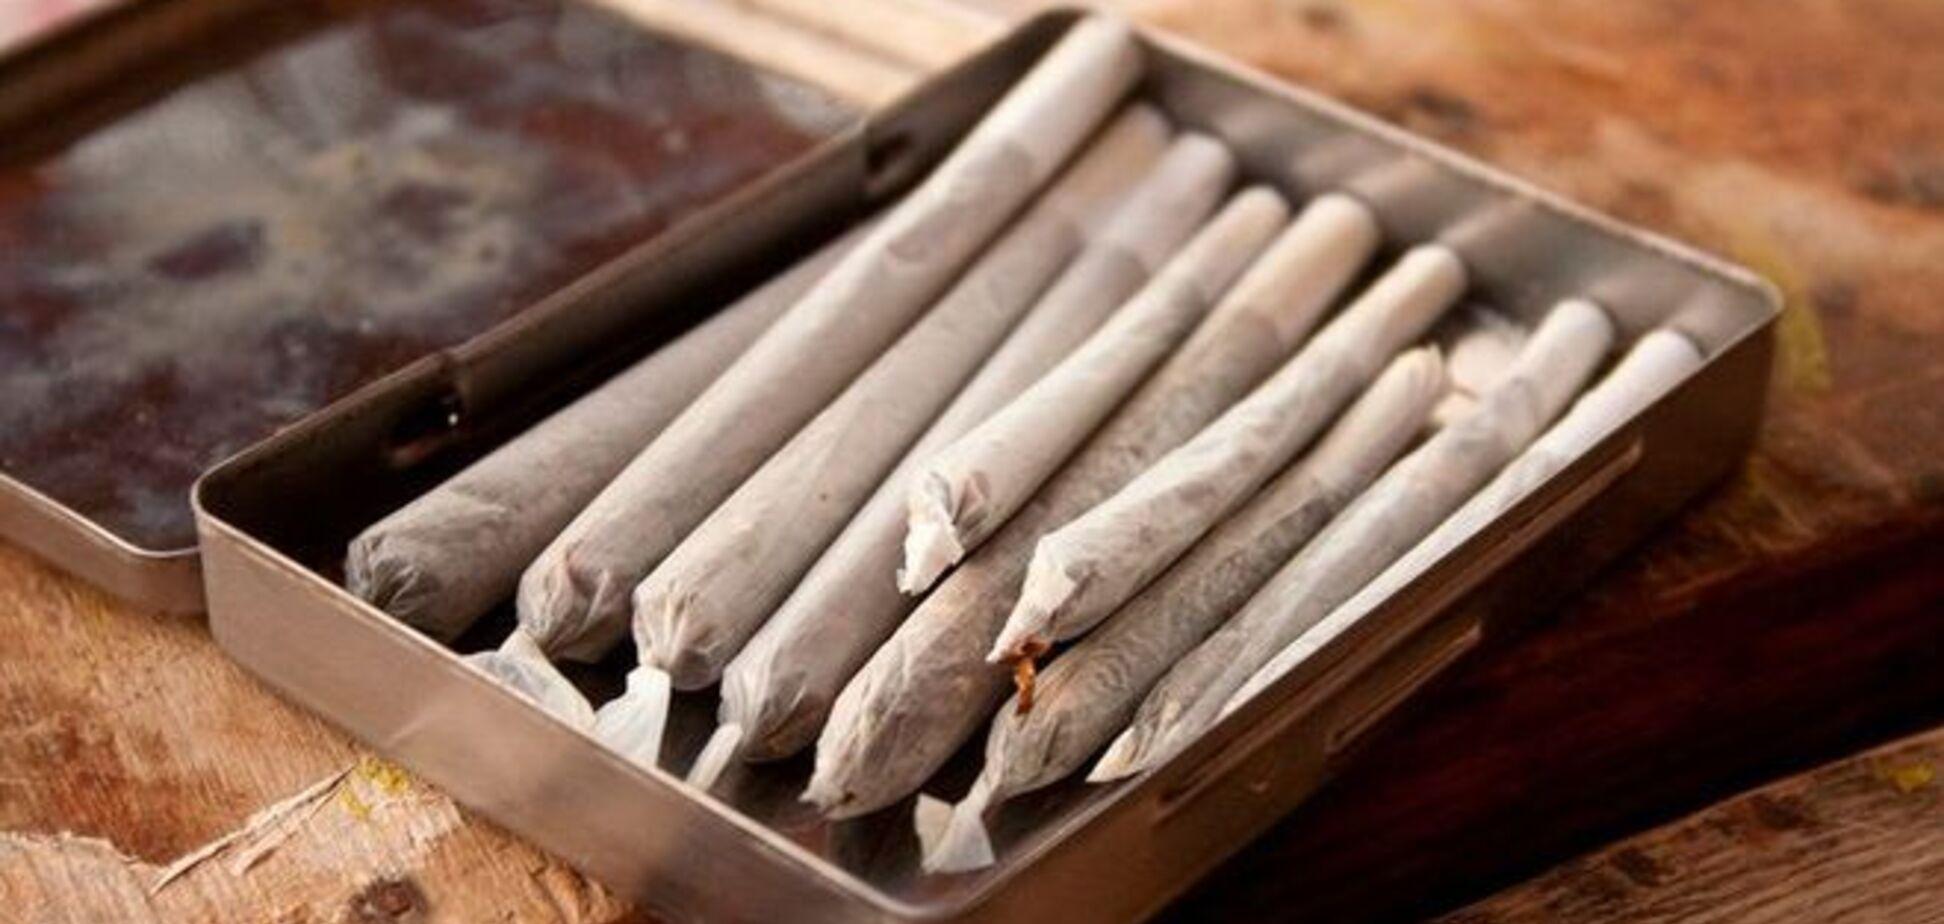 В Україні підвищать ціни на сигарети: названі нові ціни і дата